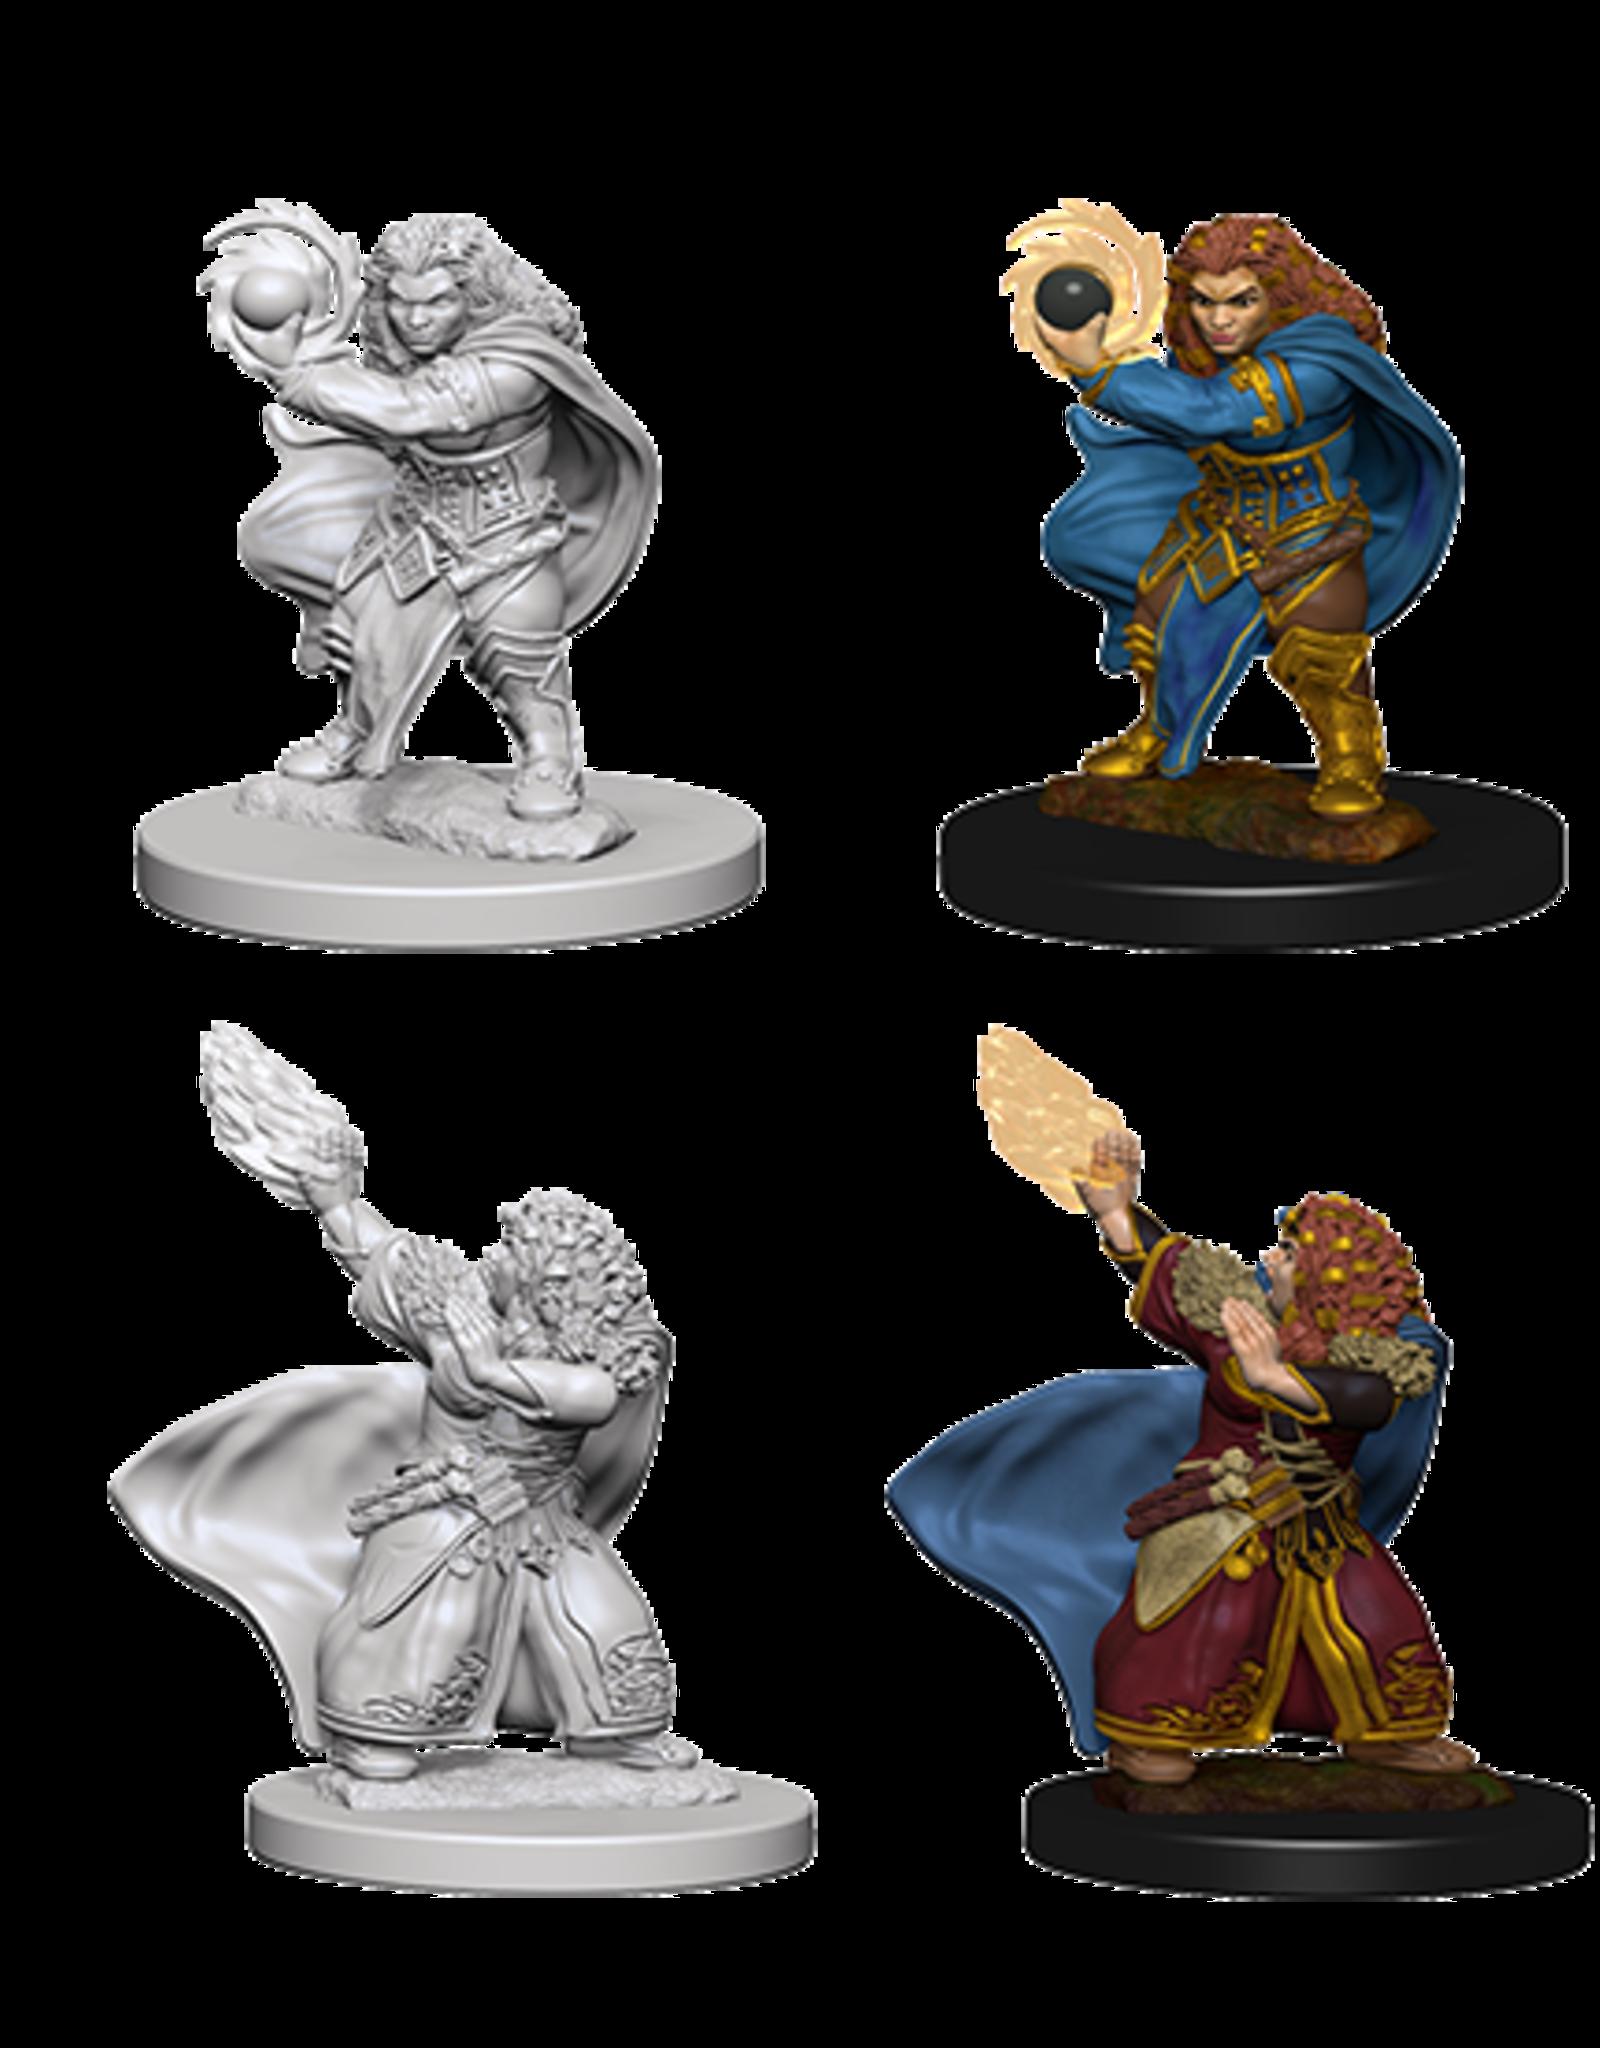 Wizkids D&D Nolzur's Marvelous Miniatures Dwarf Wizard Female